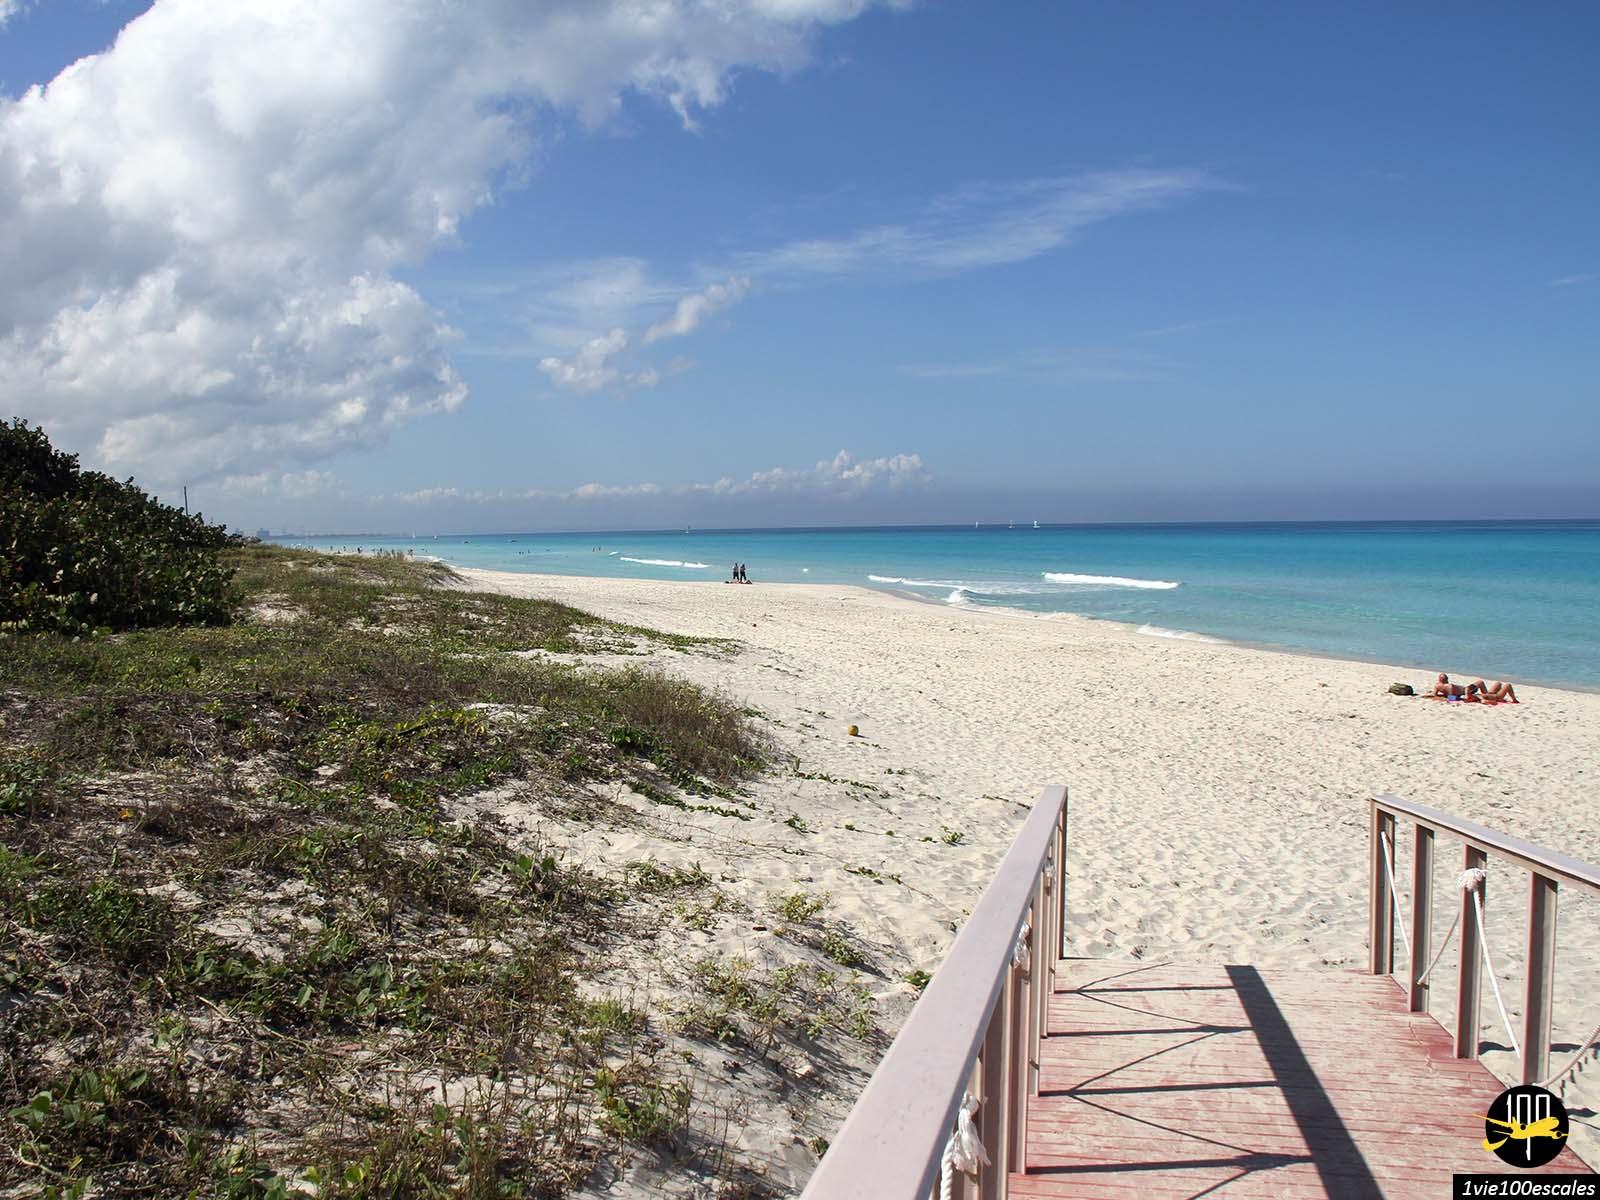 Ponton pour accéder aux magnifiques plages de Varadero